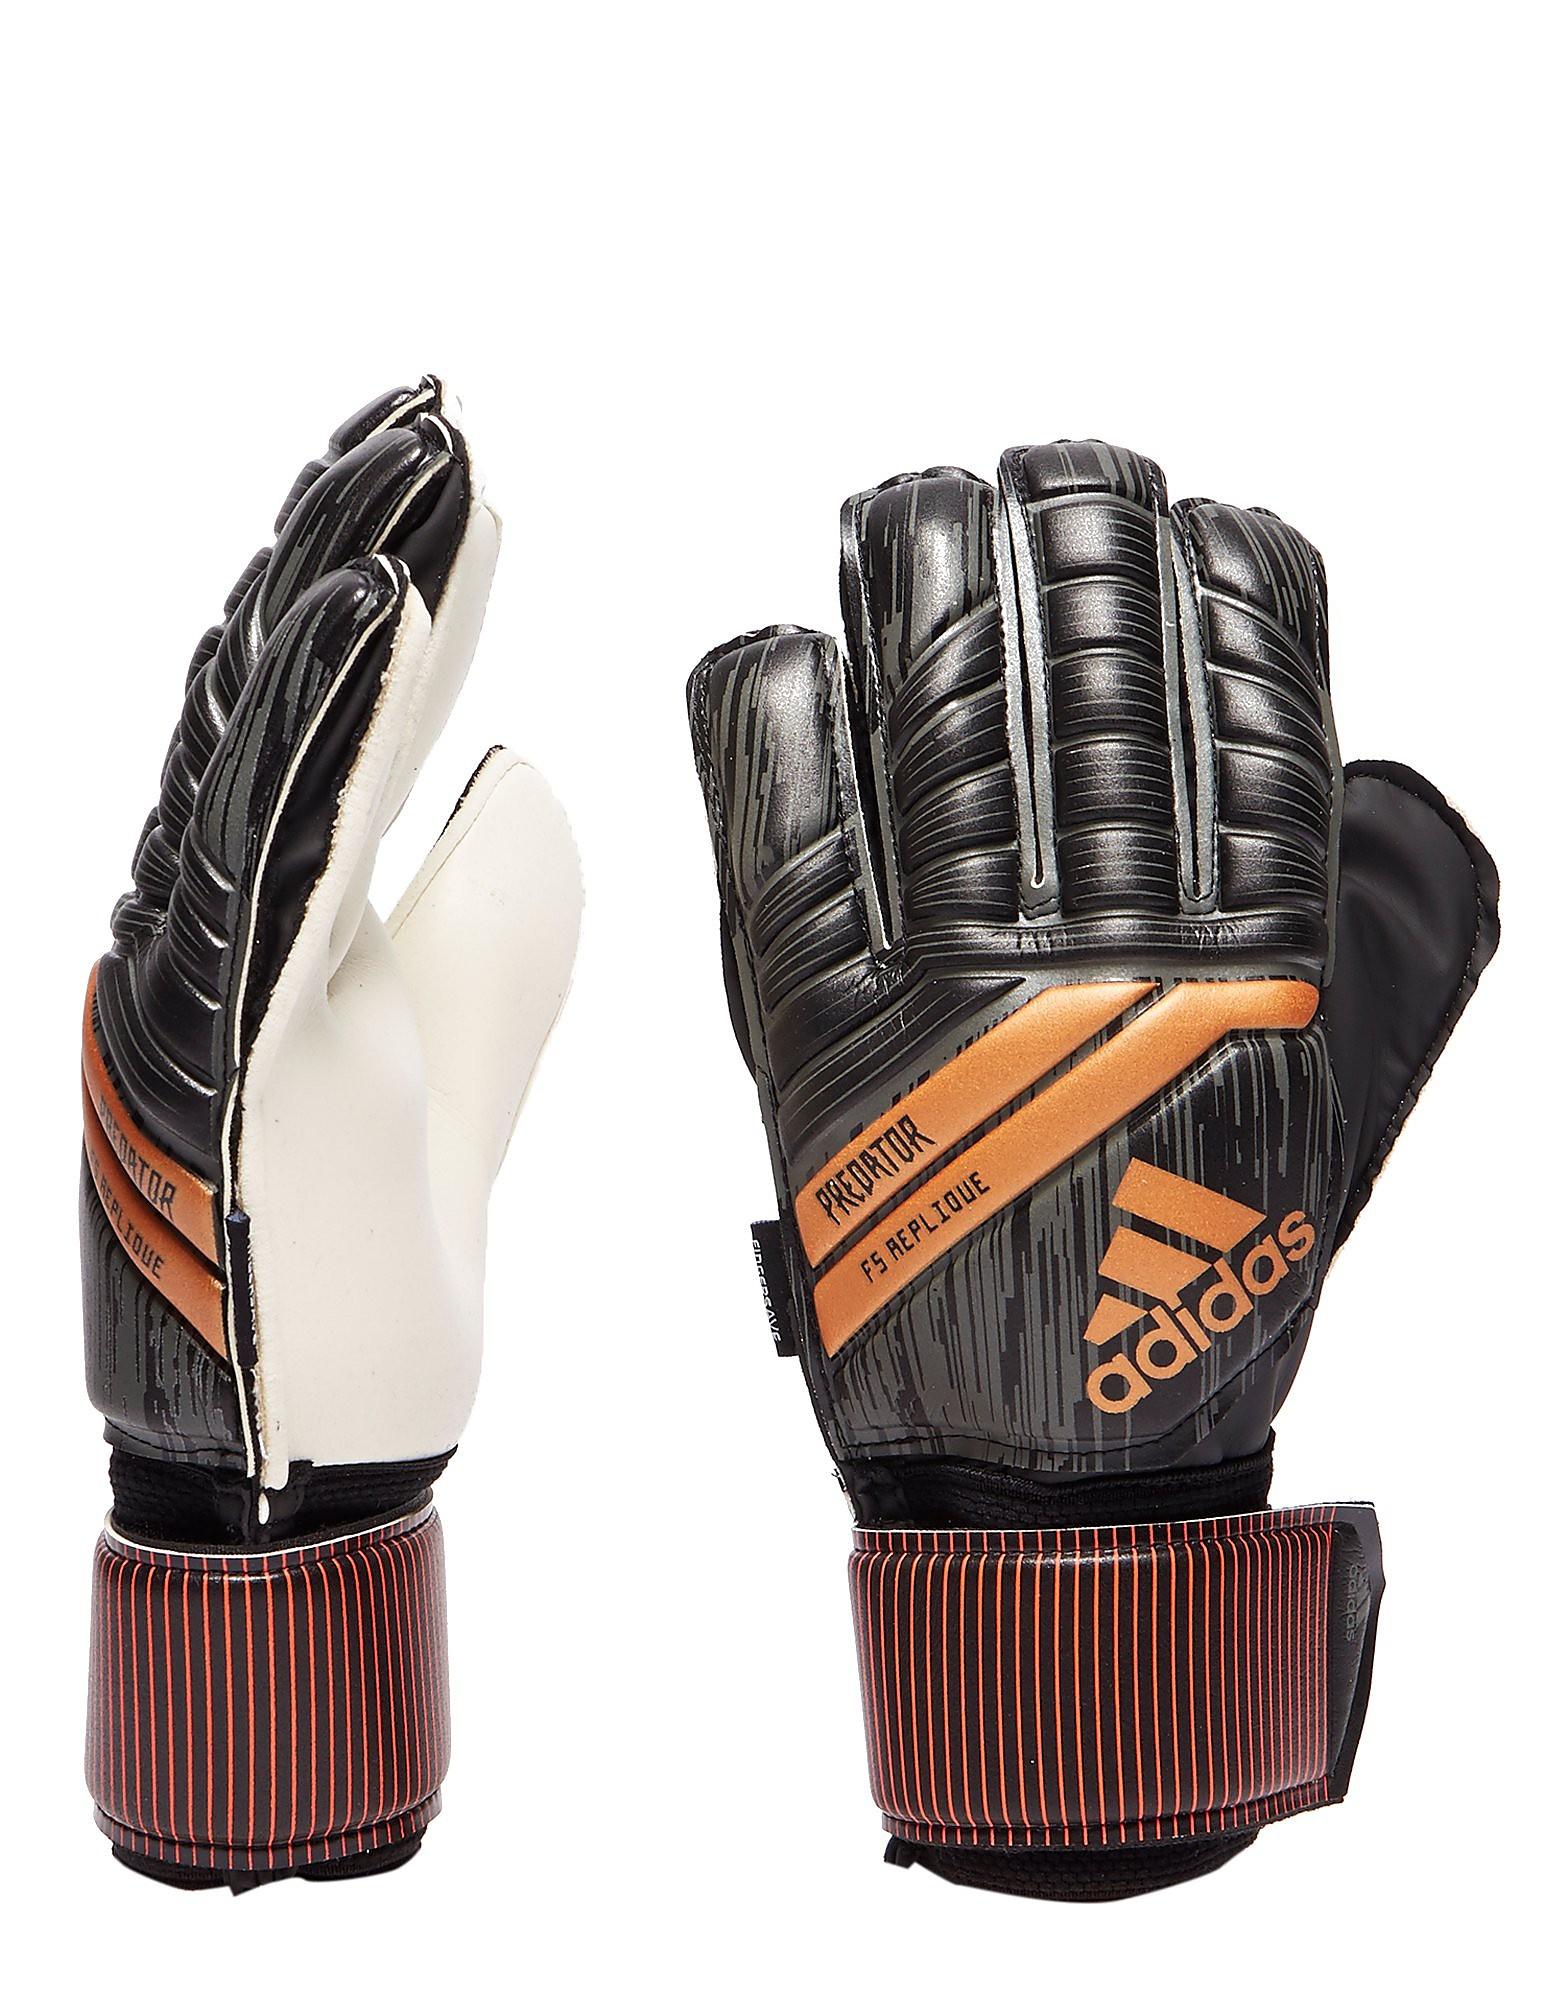 adidas guantes Predator 18 Fingersave Replique